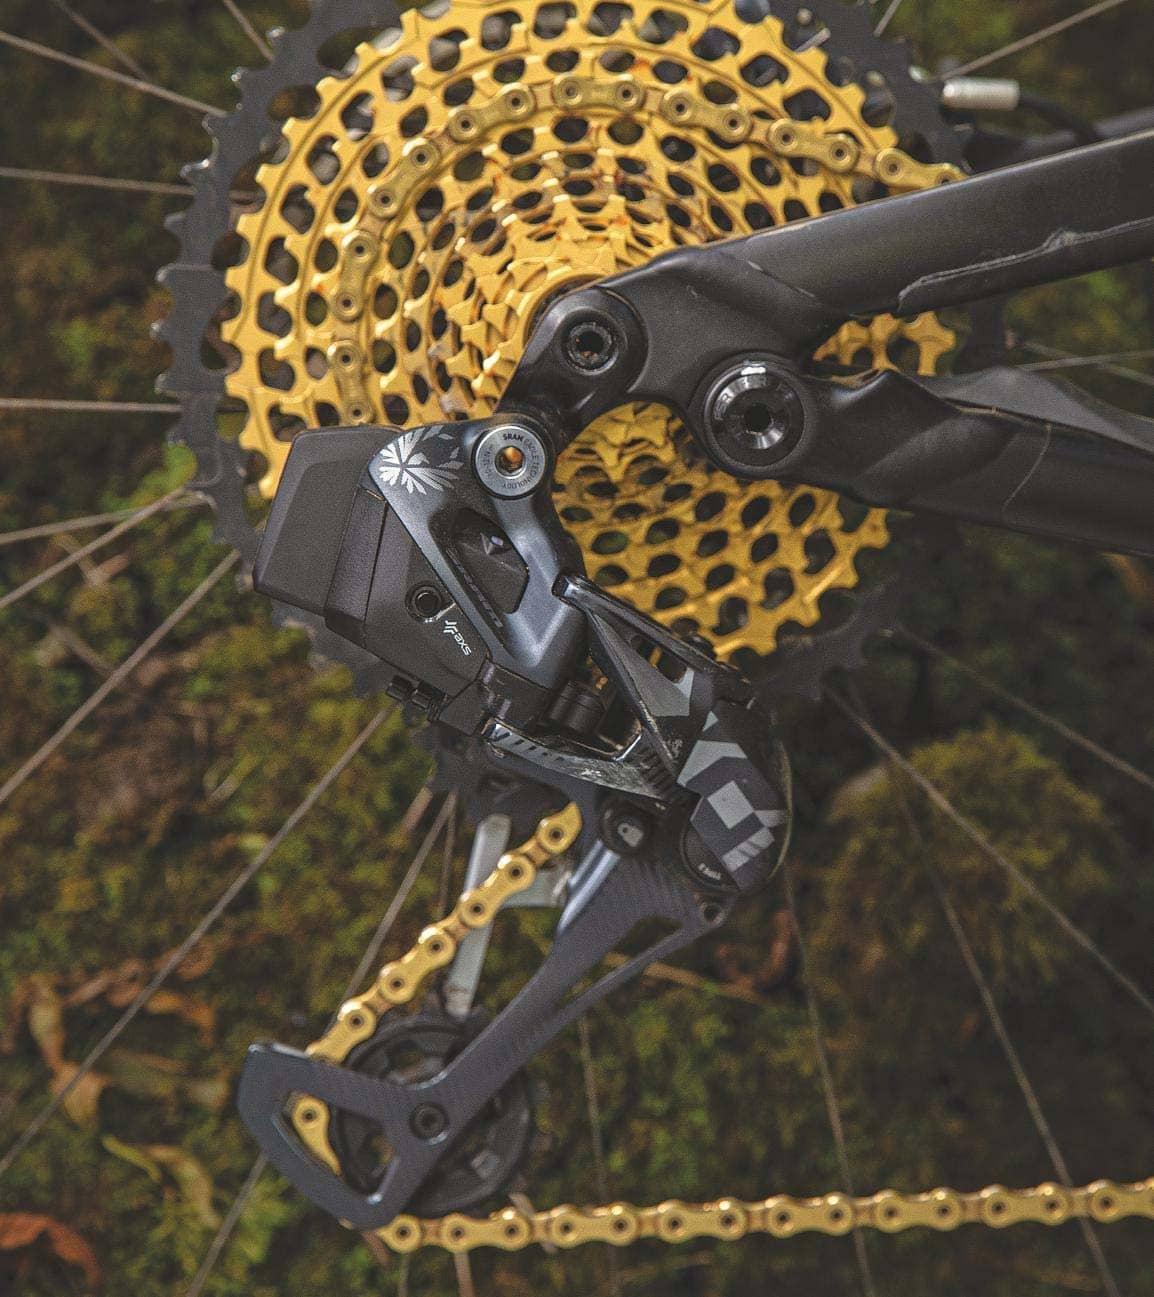 SRAM X01 AXS UPGRADE KIT £975